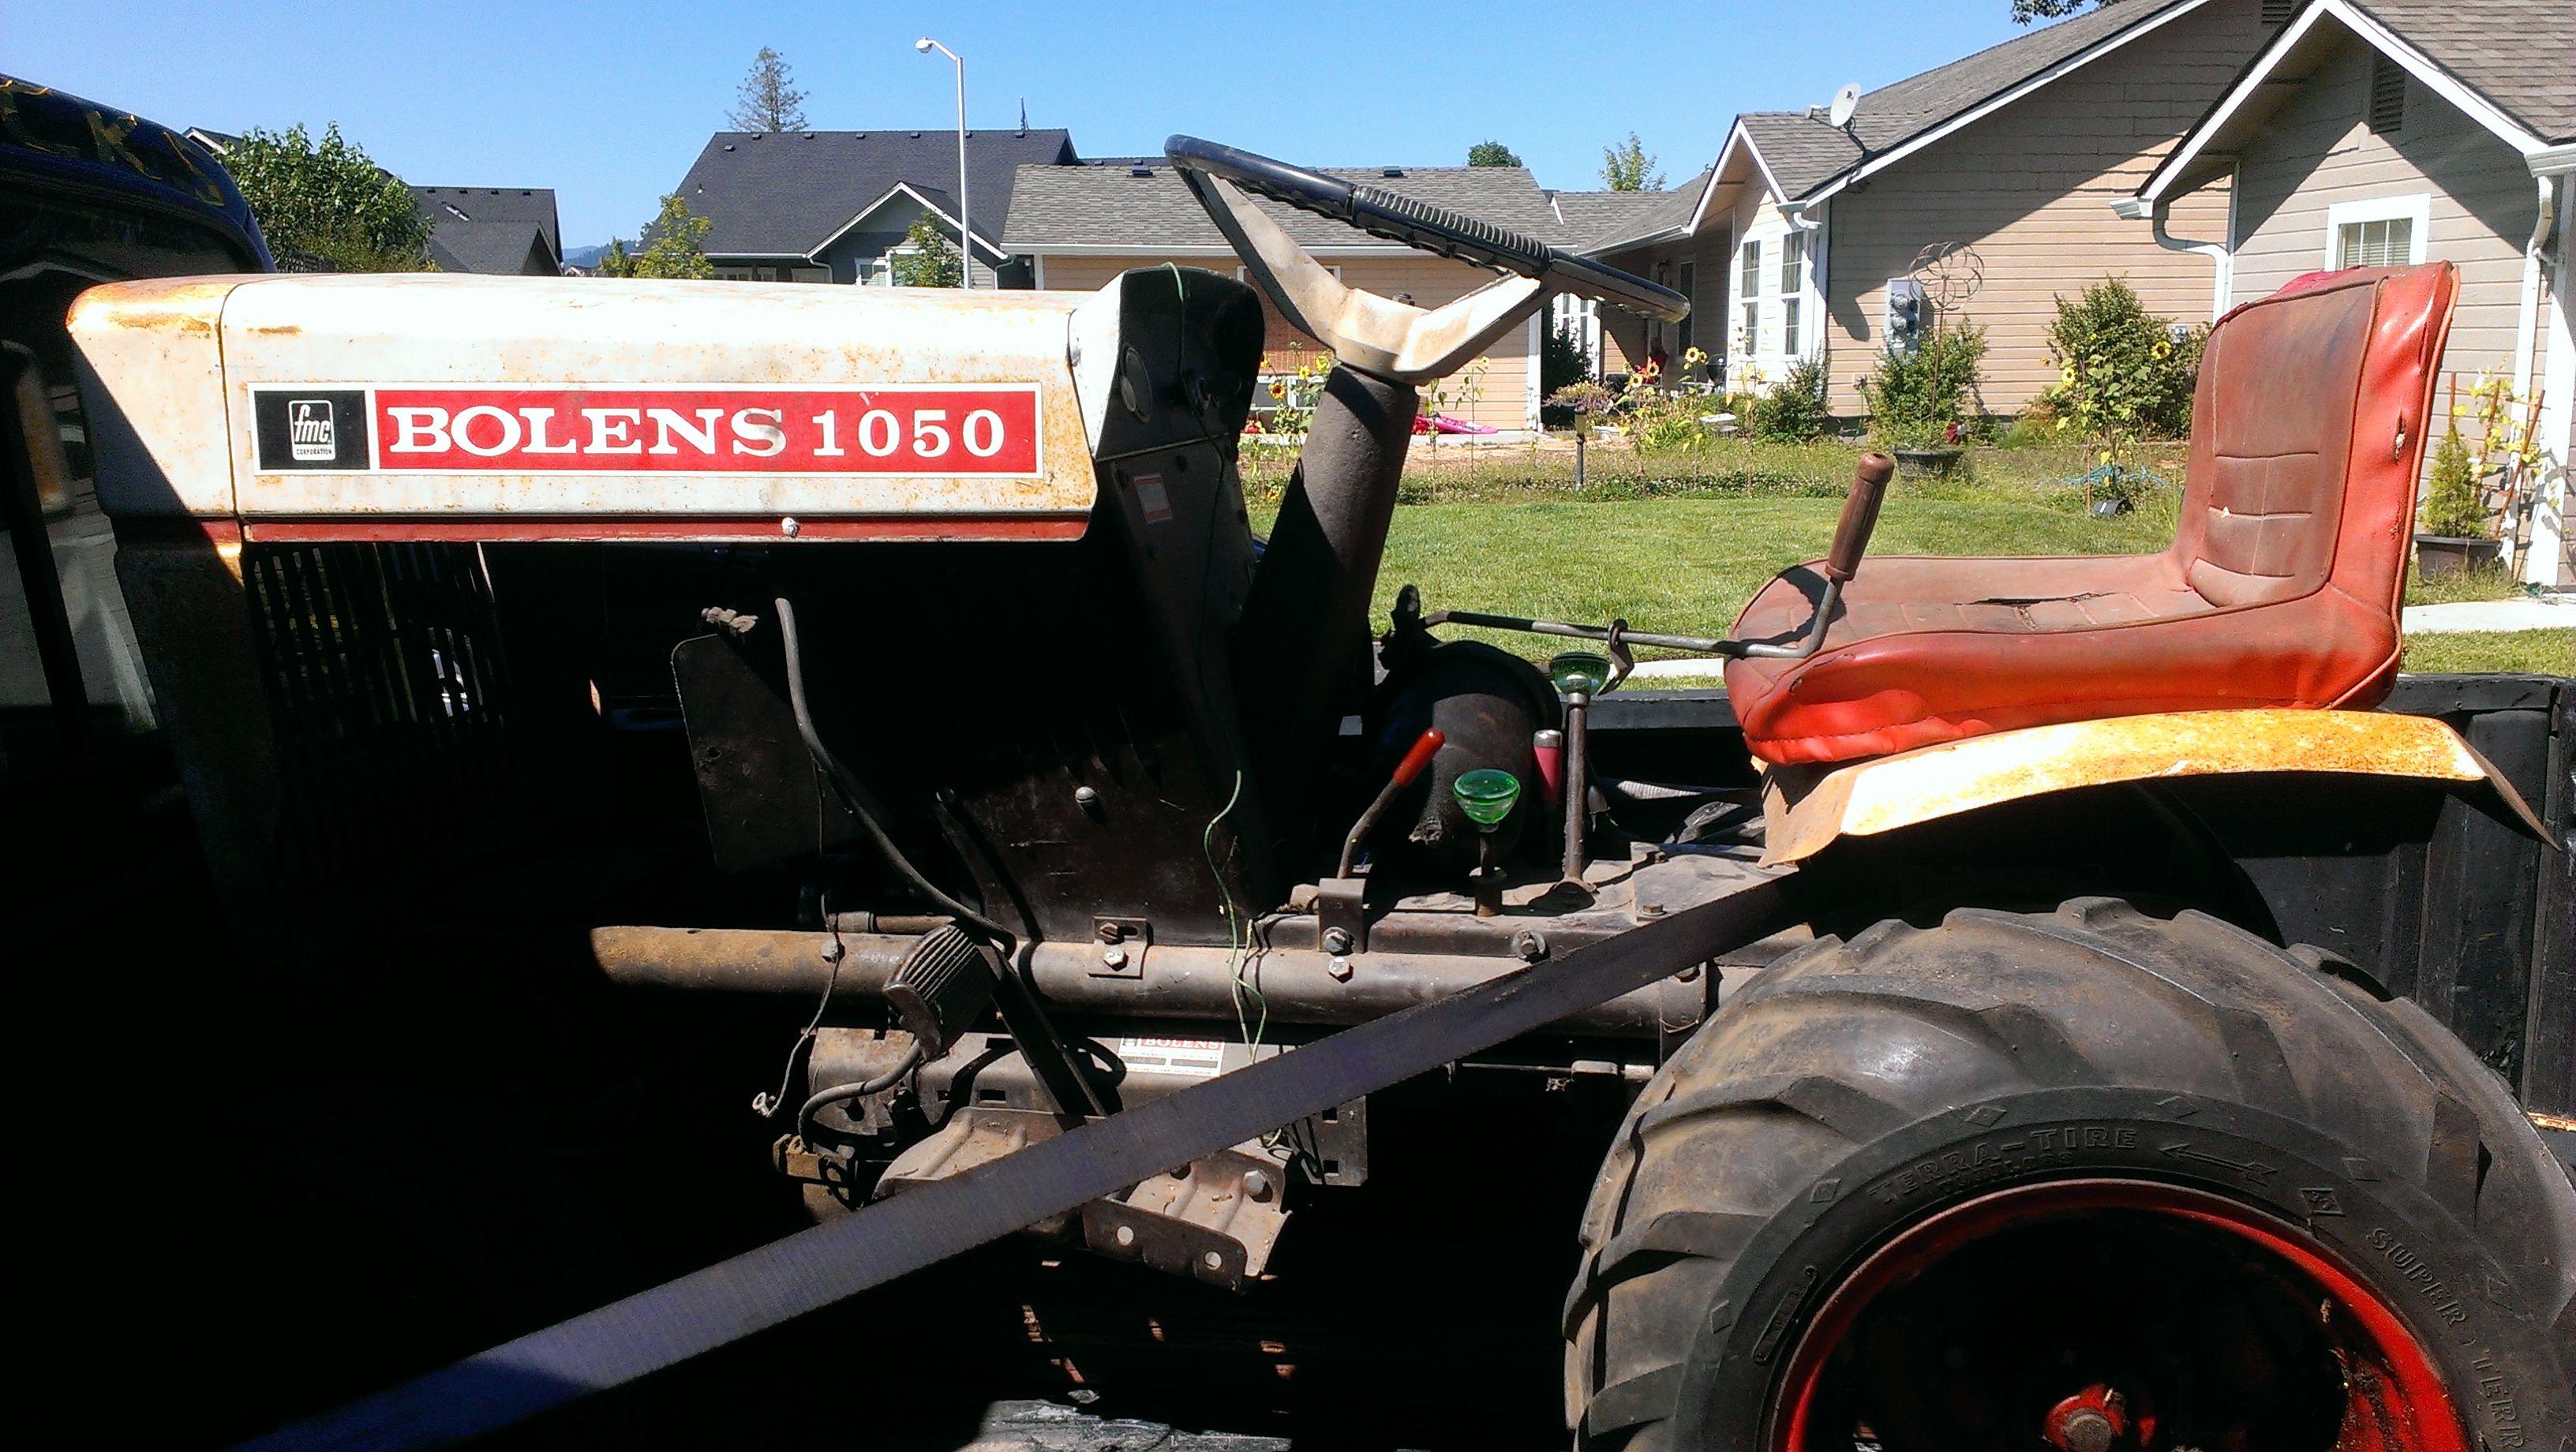 Bolens 1050 Husky  | Bolens Garden tractors | Bolens tractor